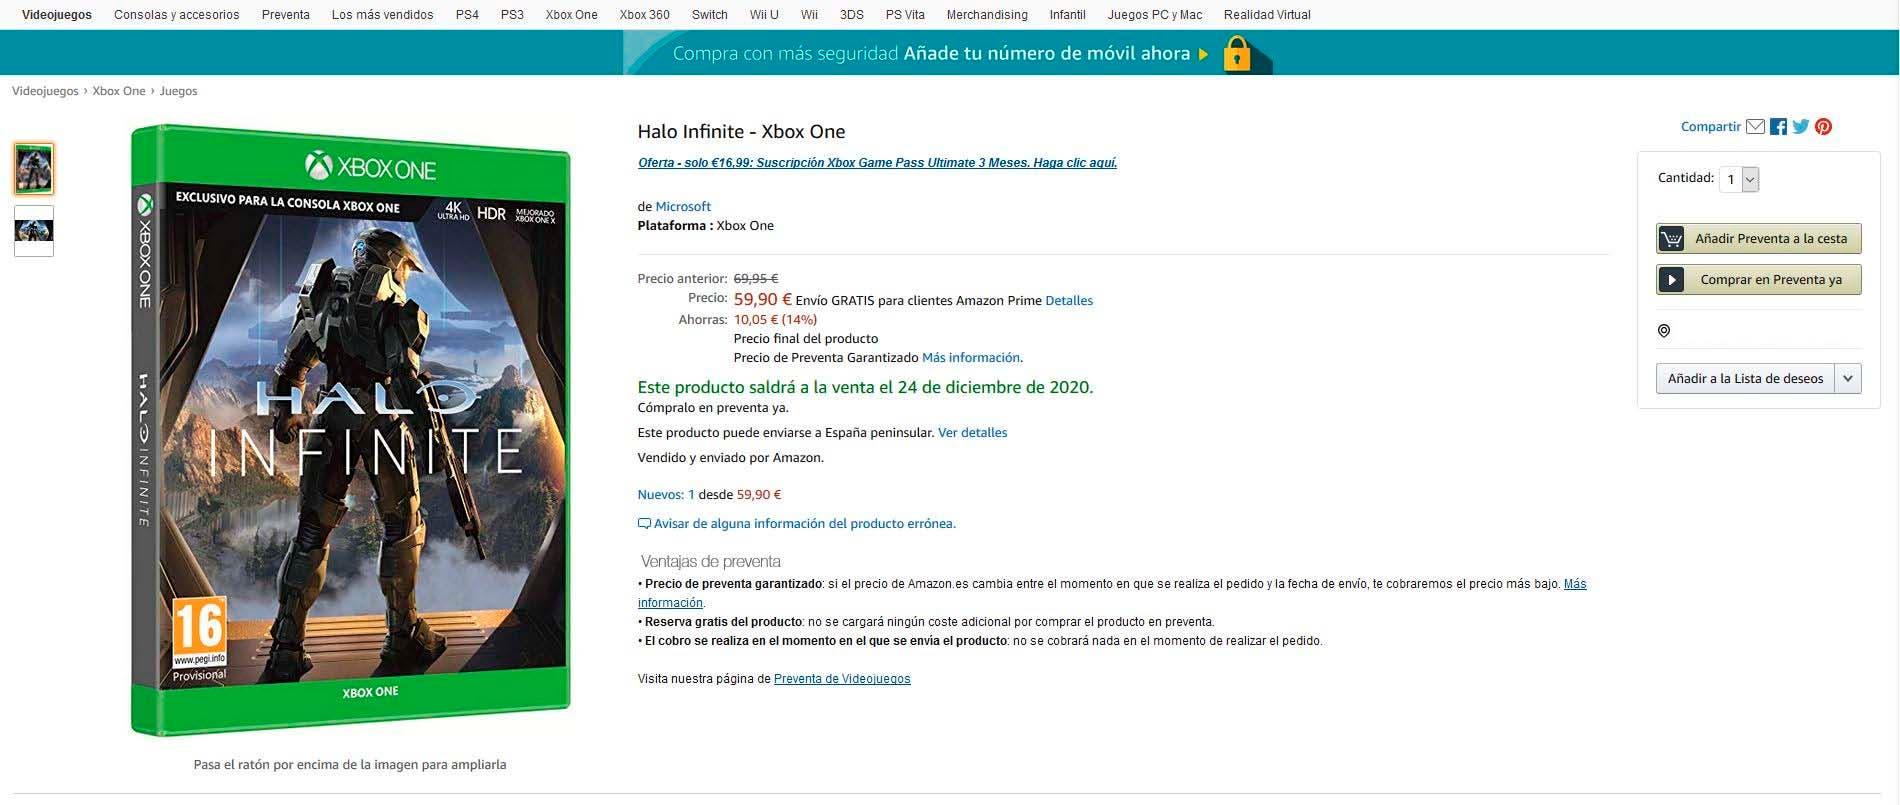 Amazon abre las reservas de Halo Infinite para Xbox One y con descuento 1